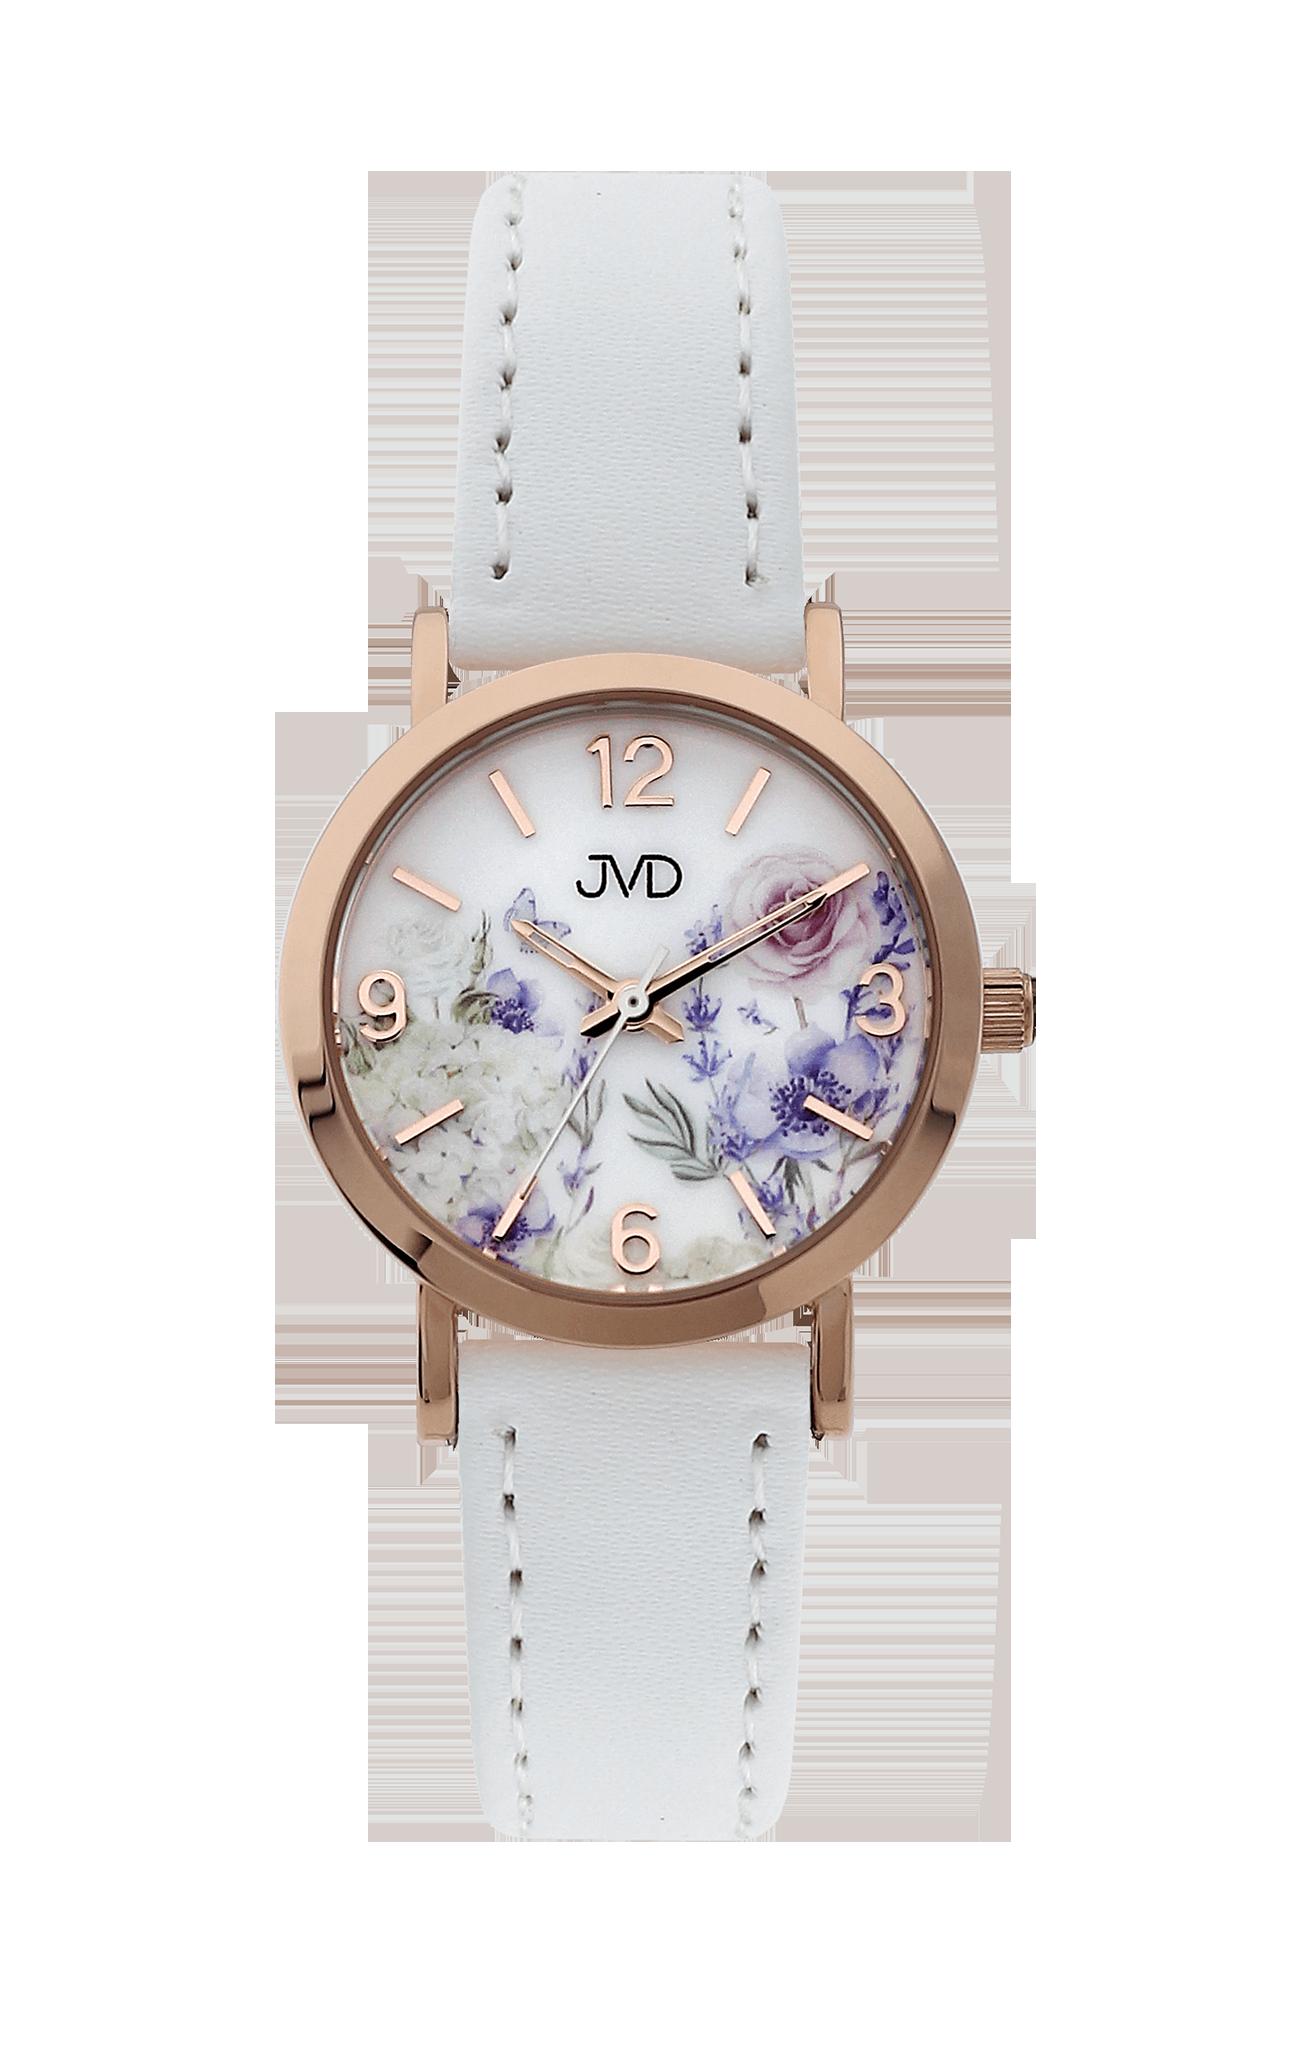 b6afb98fd Dětské dívčí přehledné náramkové hodinky JVD J7184.13 | Zlatnictví ...